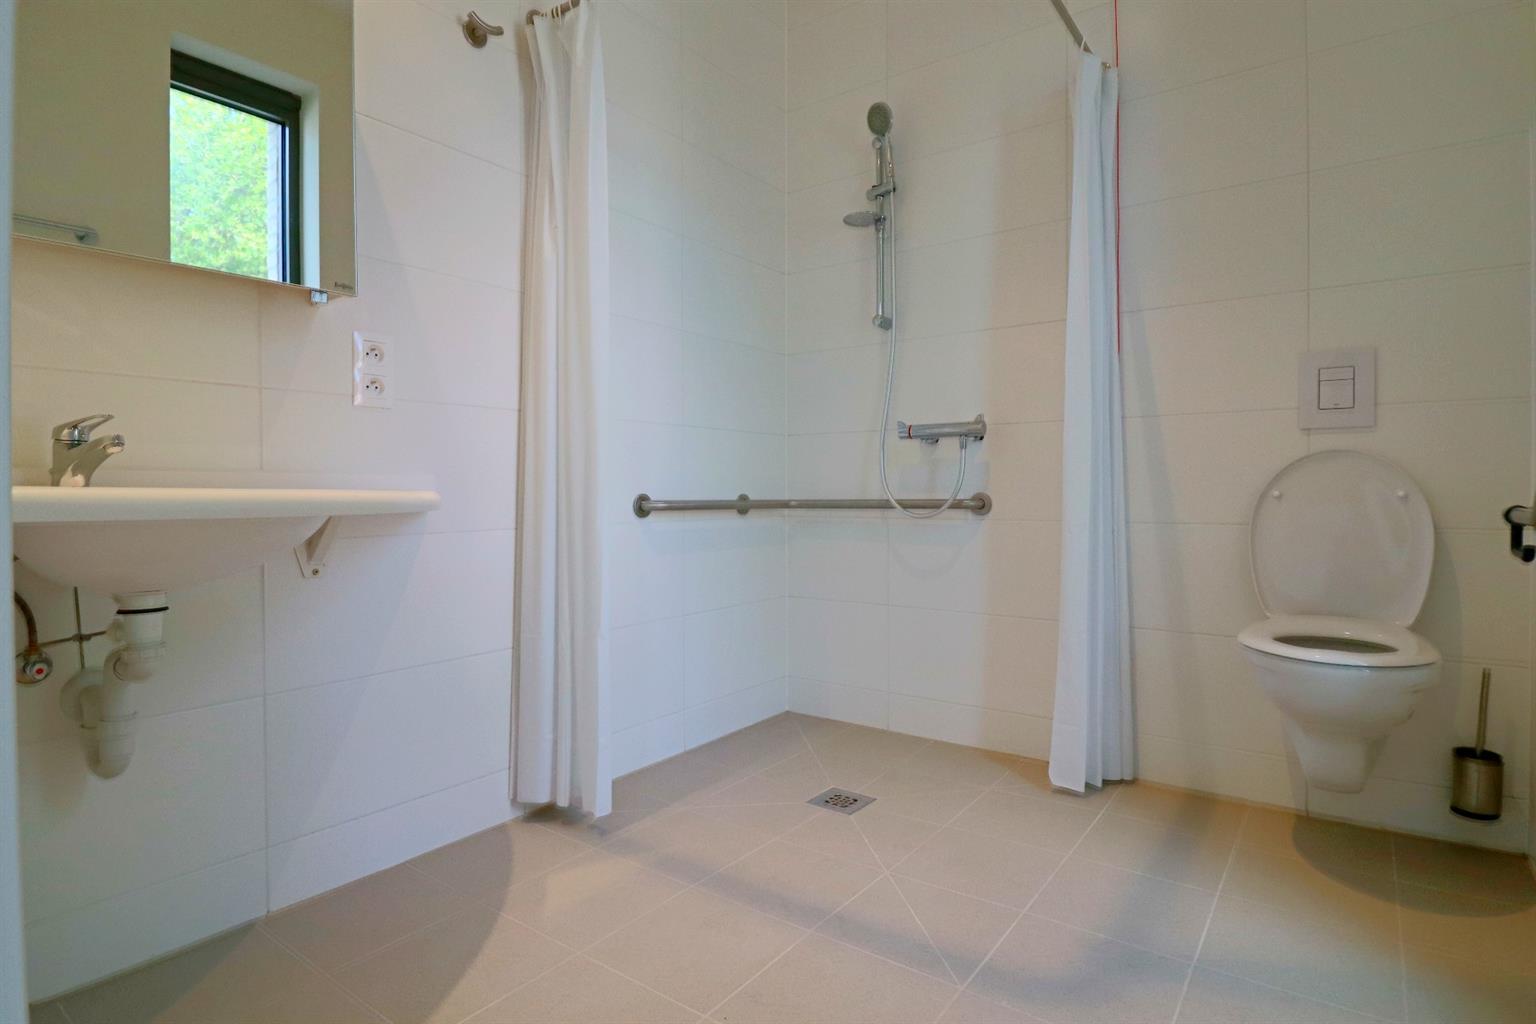 Appartement - Ottignies-Louvain-la-Neuve - #4406827-5